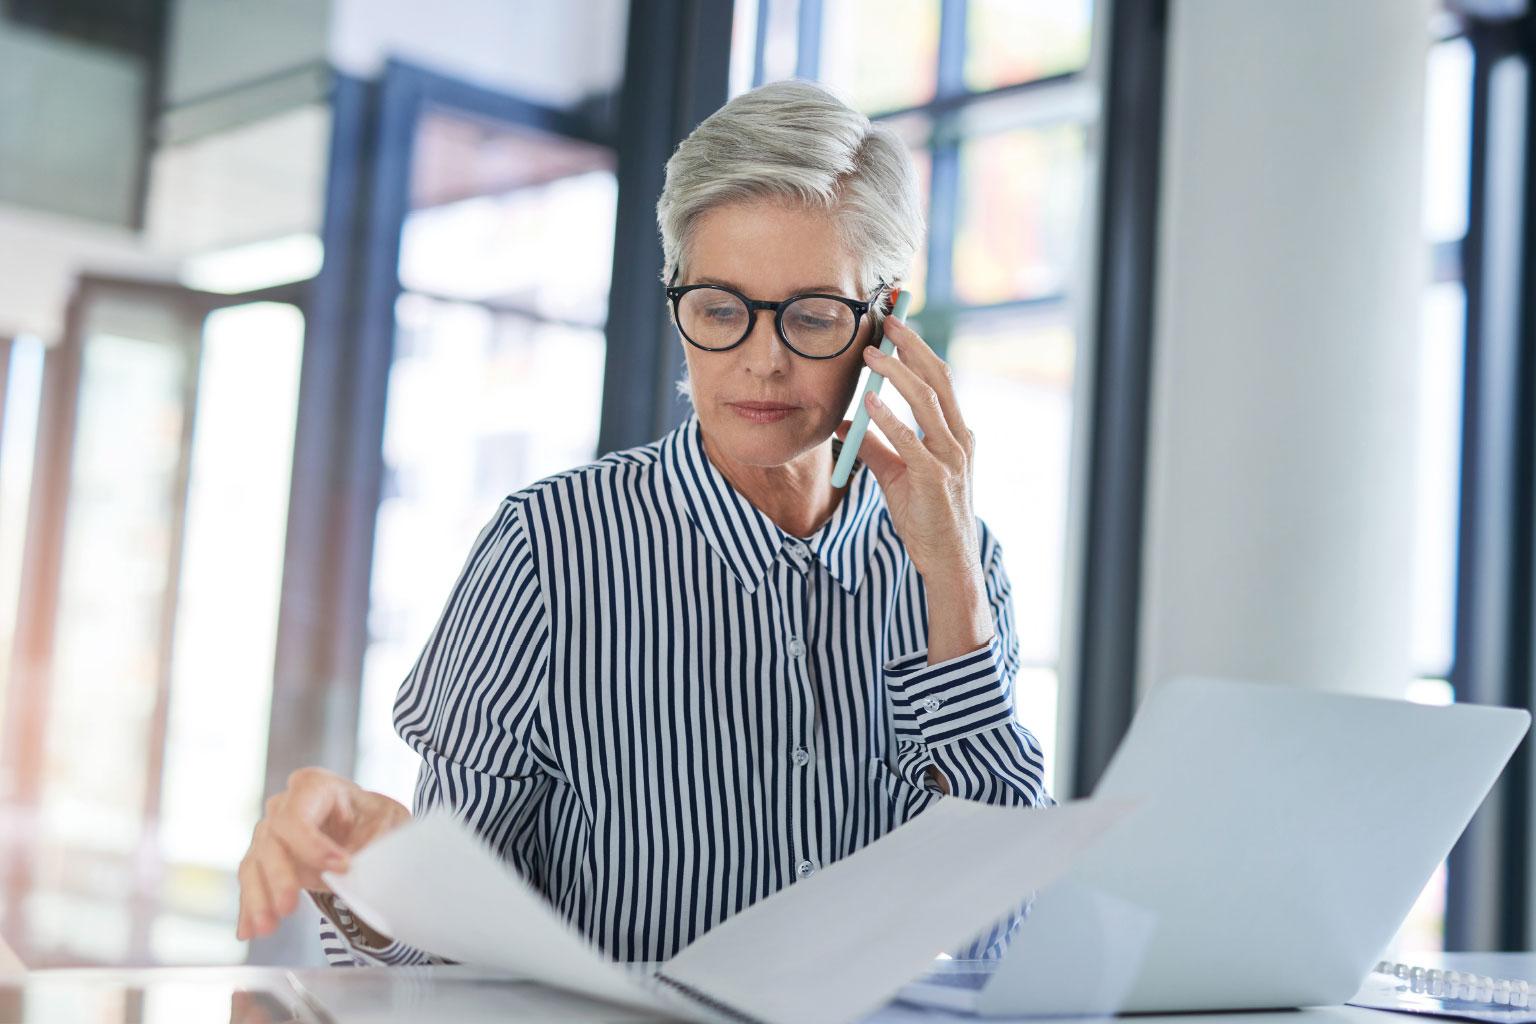 Pracownica szpitali przegląda dokumenty, telefonuje i na komputerze ma LEX Medica